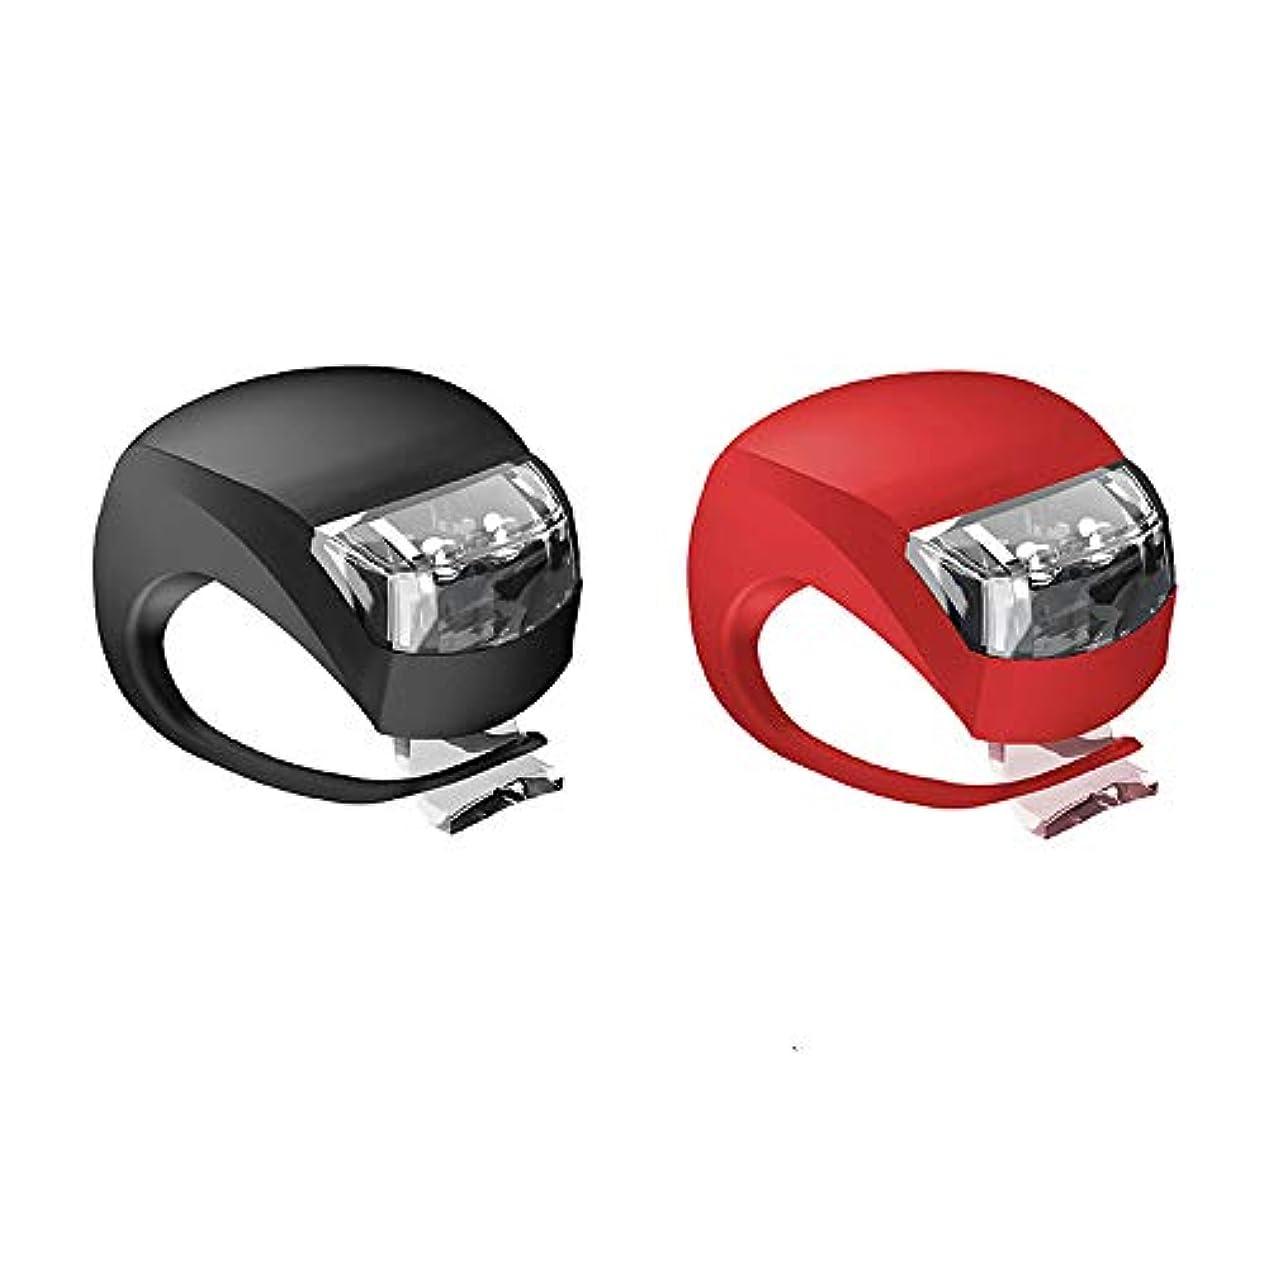 刑務所学習者増幅器1st market 2個小型で実用的なLEDクリップ式シリコンバンド自転車照明ライト(赤と黒)